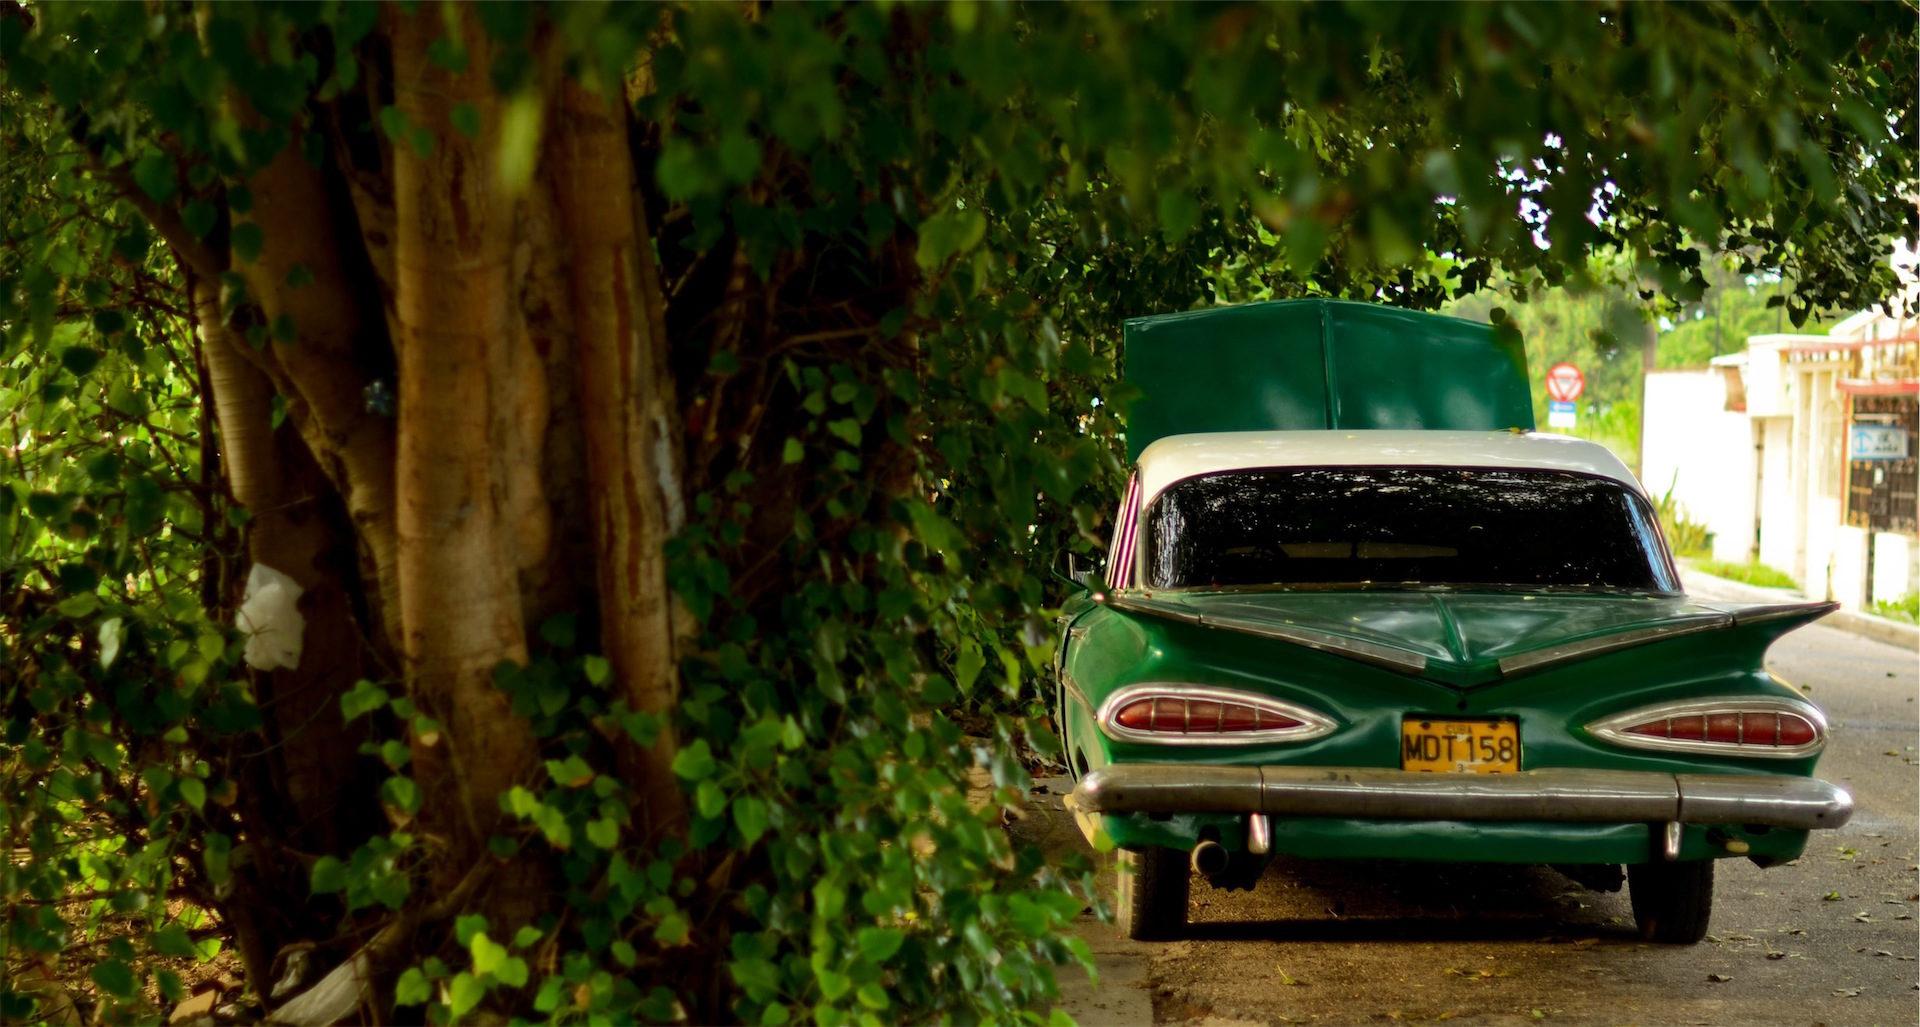 carro, velho, averia, vintage, Verde - Papéis de parede HD - Professor-falken.com